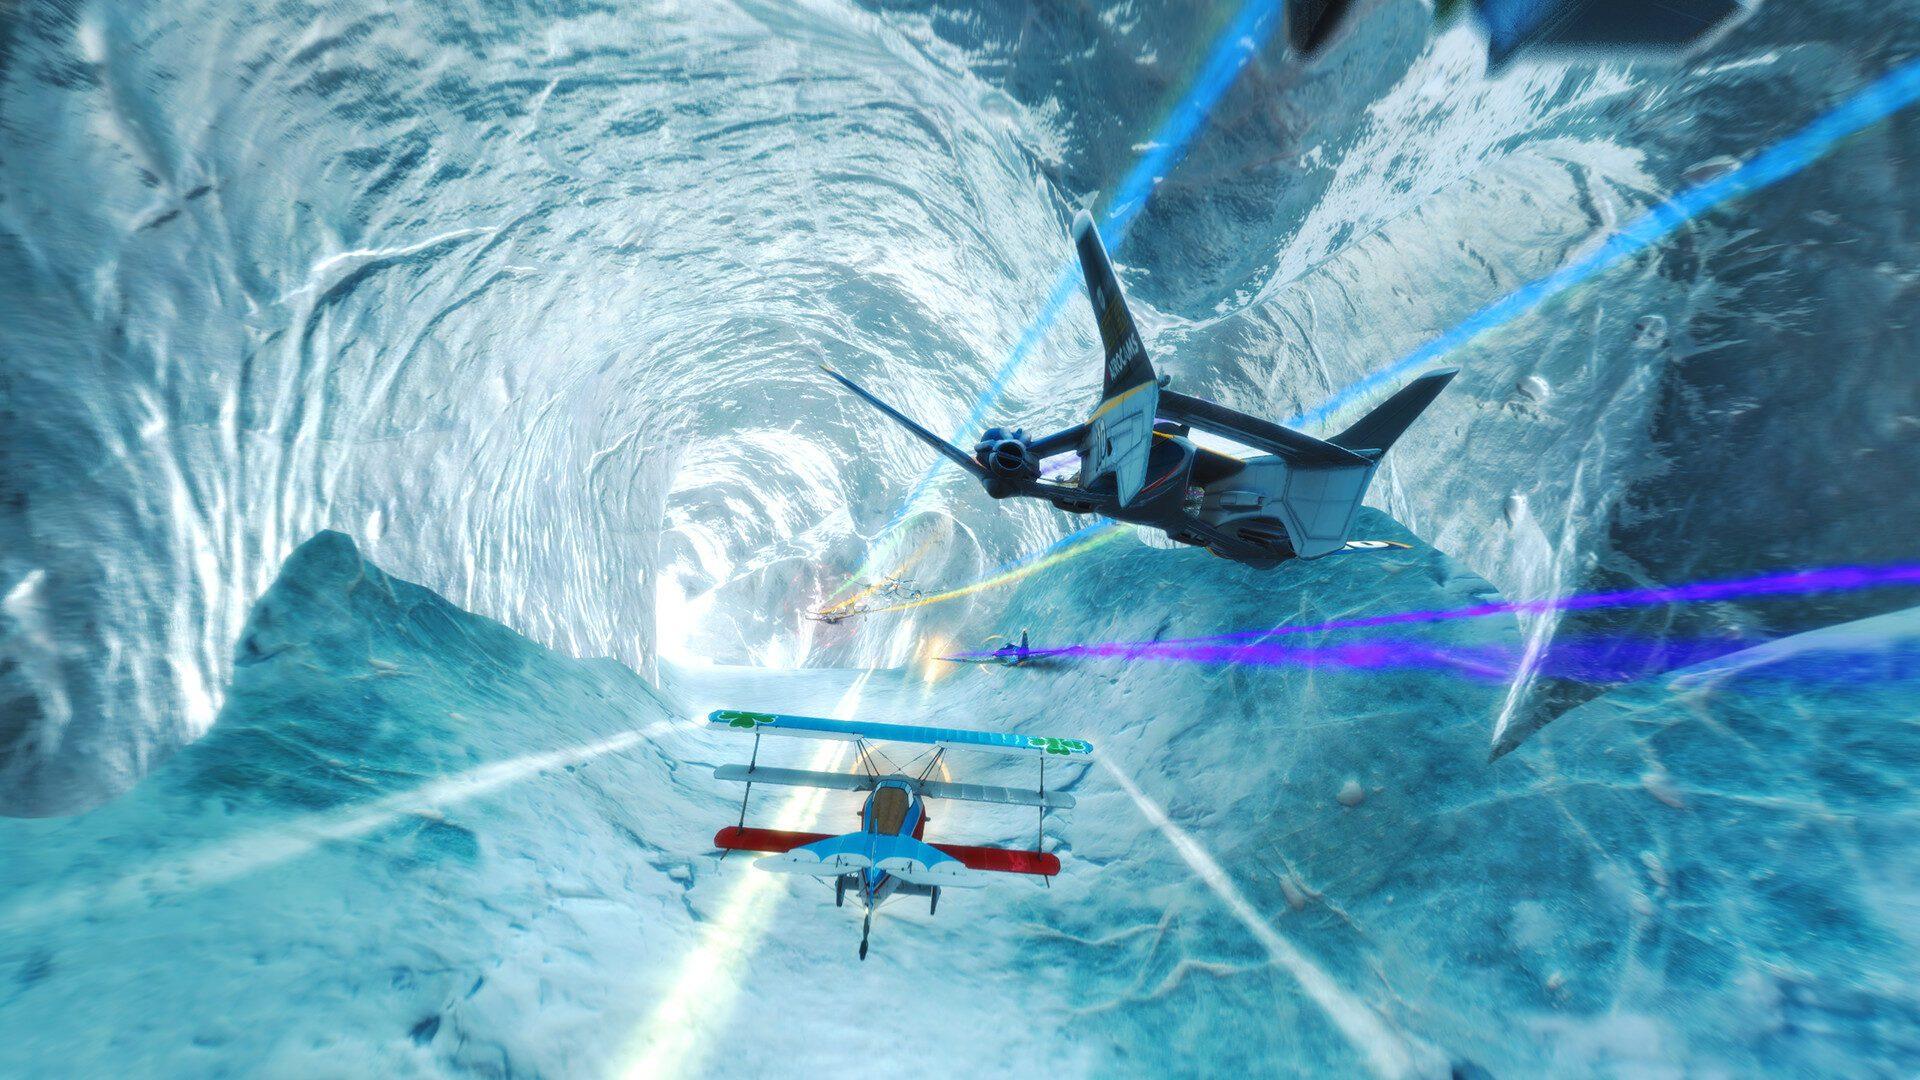 Analisis de Skydrift Infinity para Xbox Series - Hoy os traemos un análisis de un nuevo juego donde los aviones son los protagonistas, os presentamos Skydrift Infinity